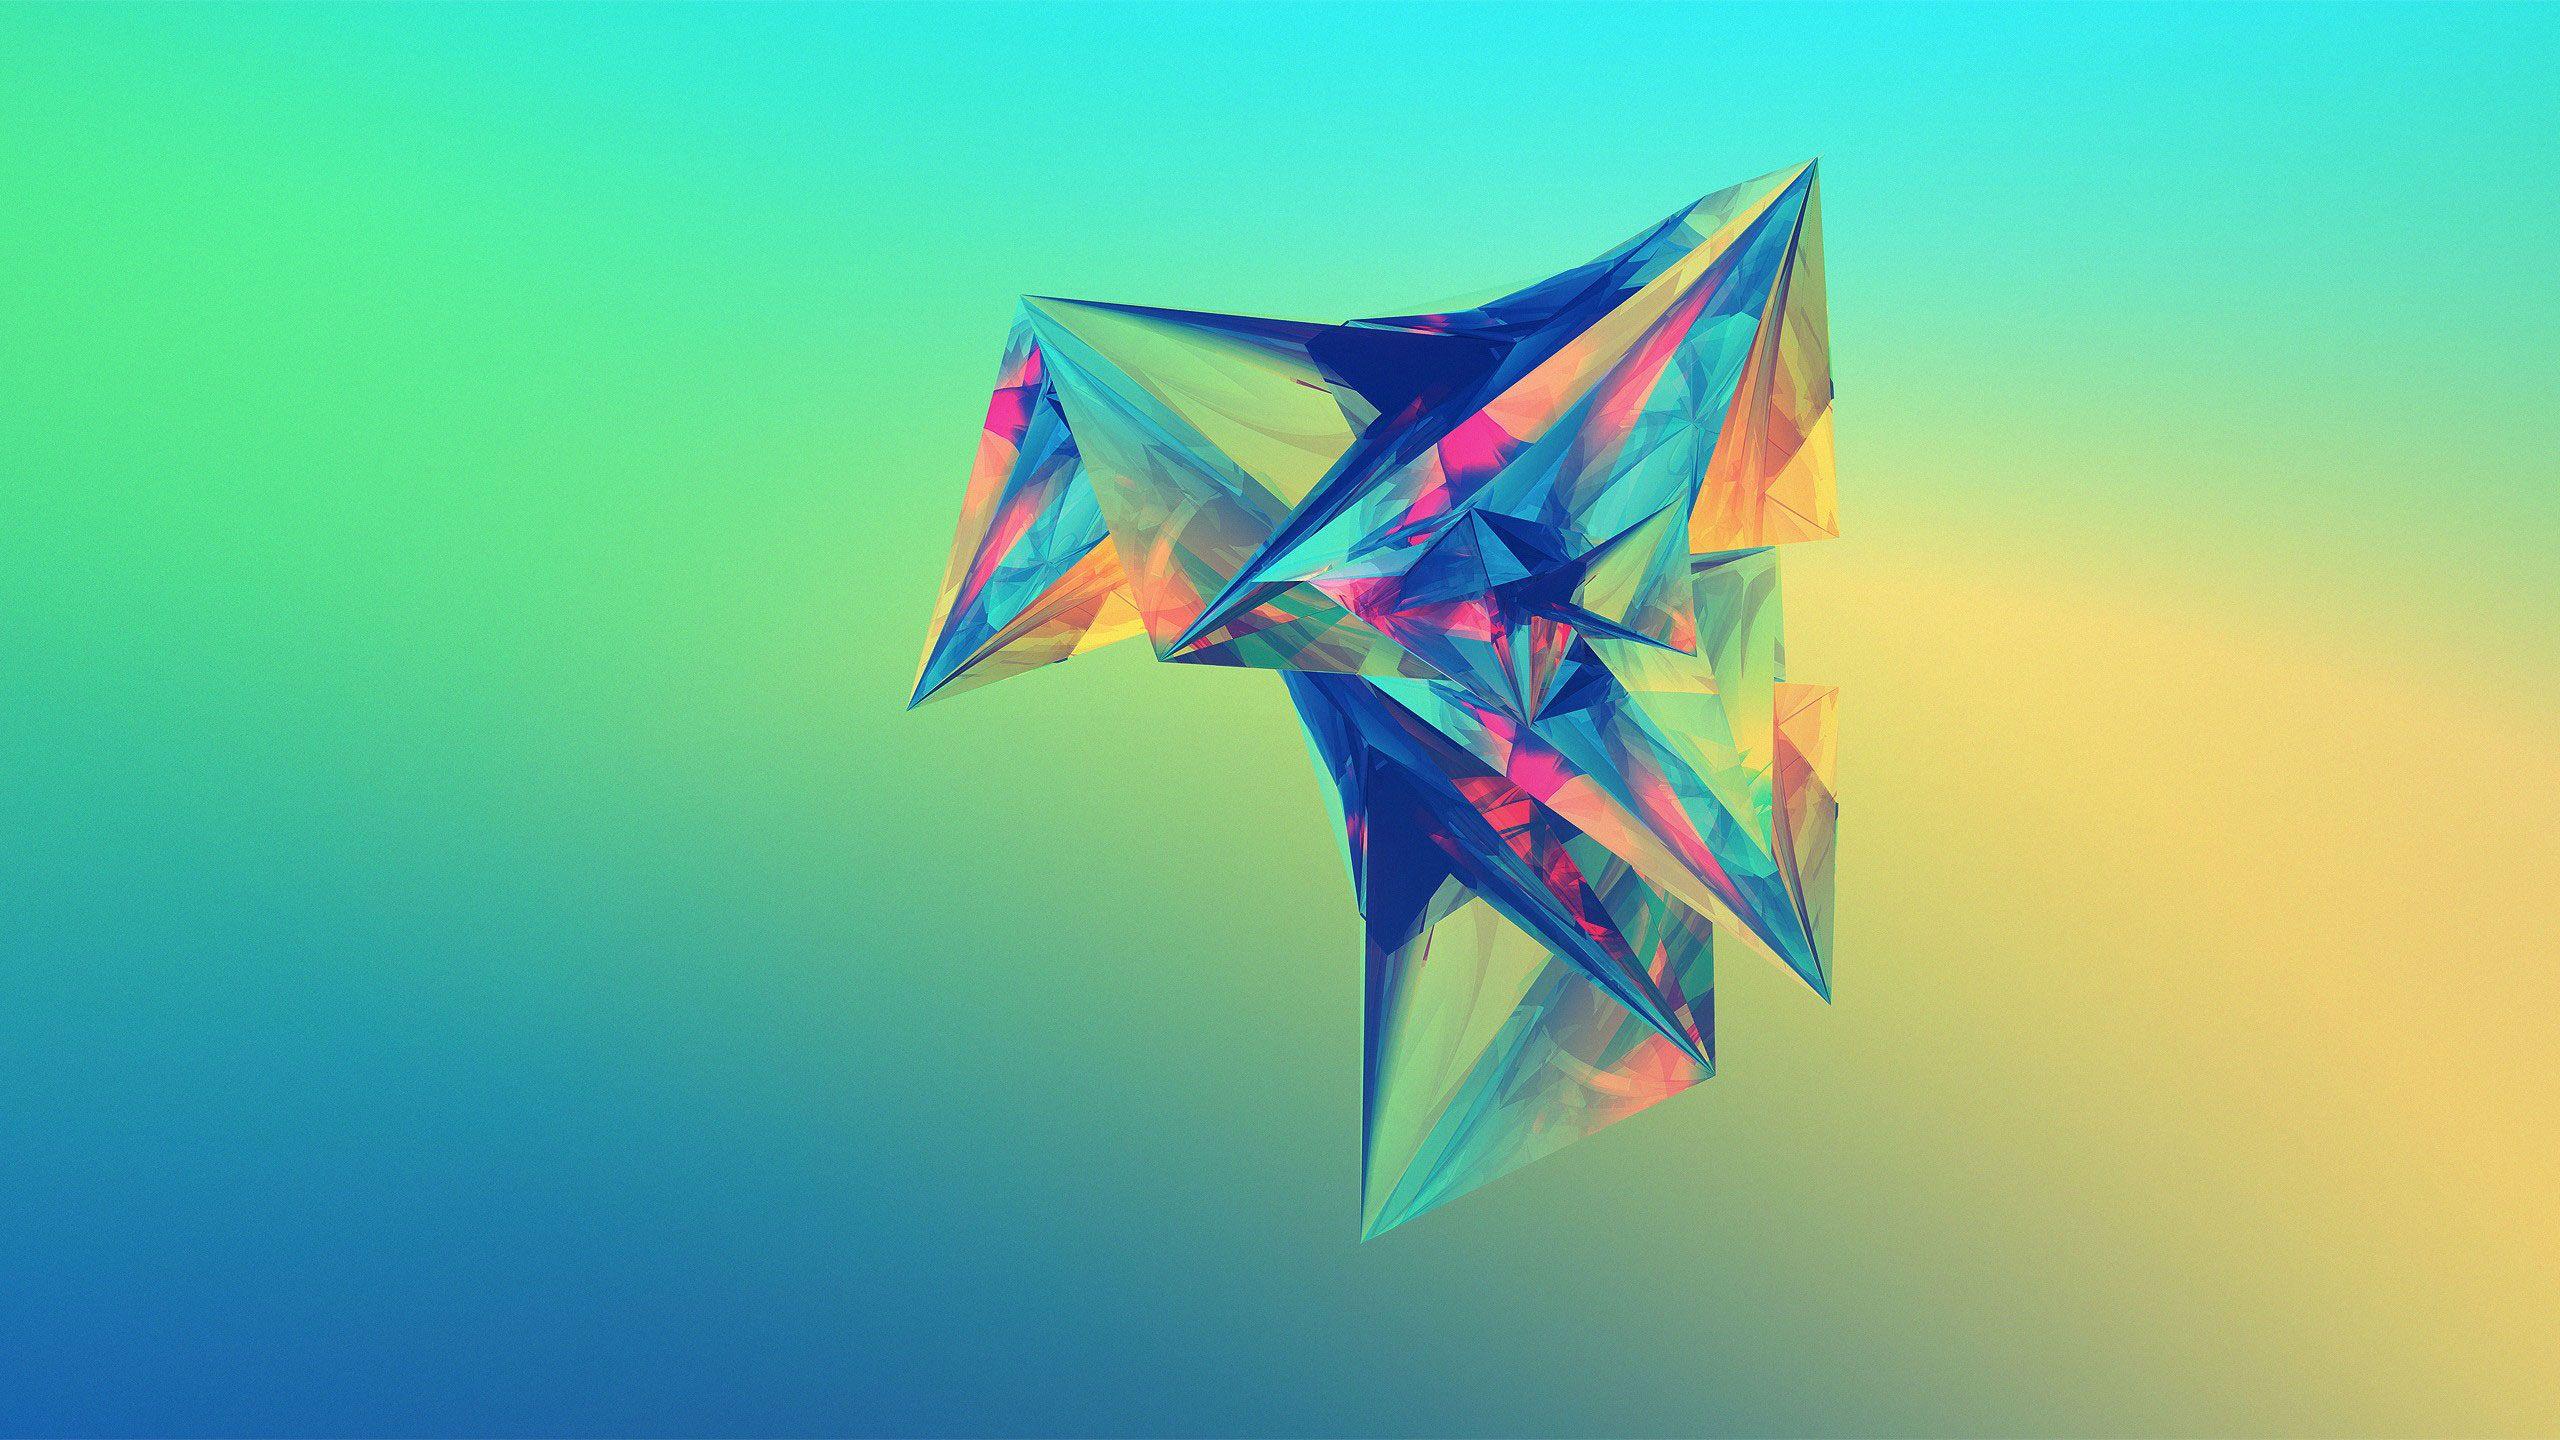 Put An Abstract Wallpaper On Your Desktop Background 123 Images Abstract Wallpaper Abstract Abstract Art Wallpaper